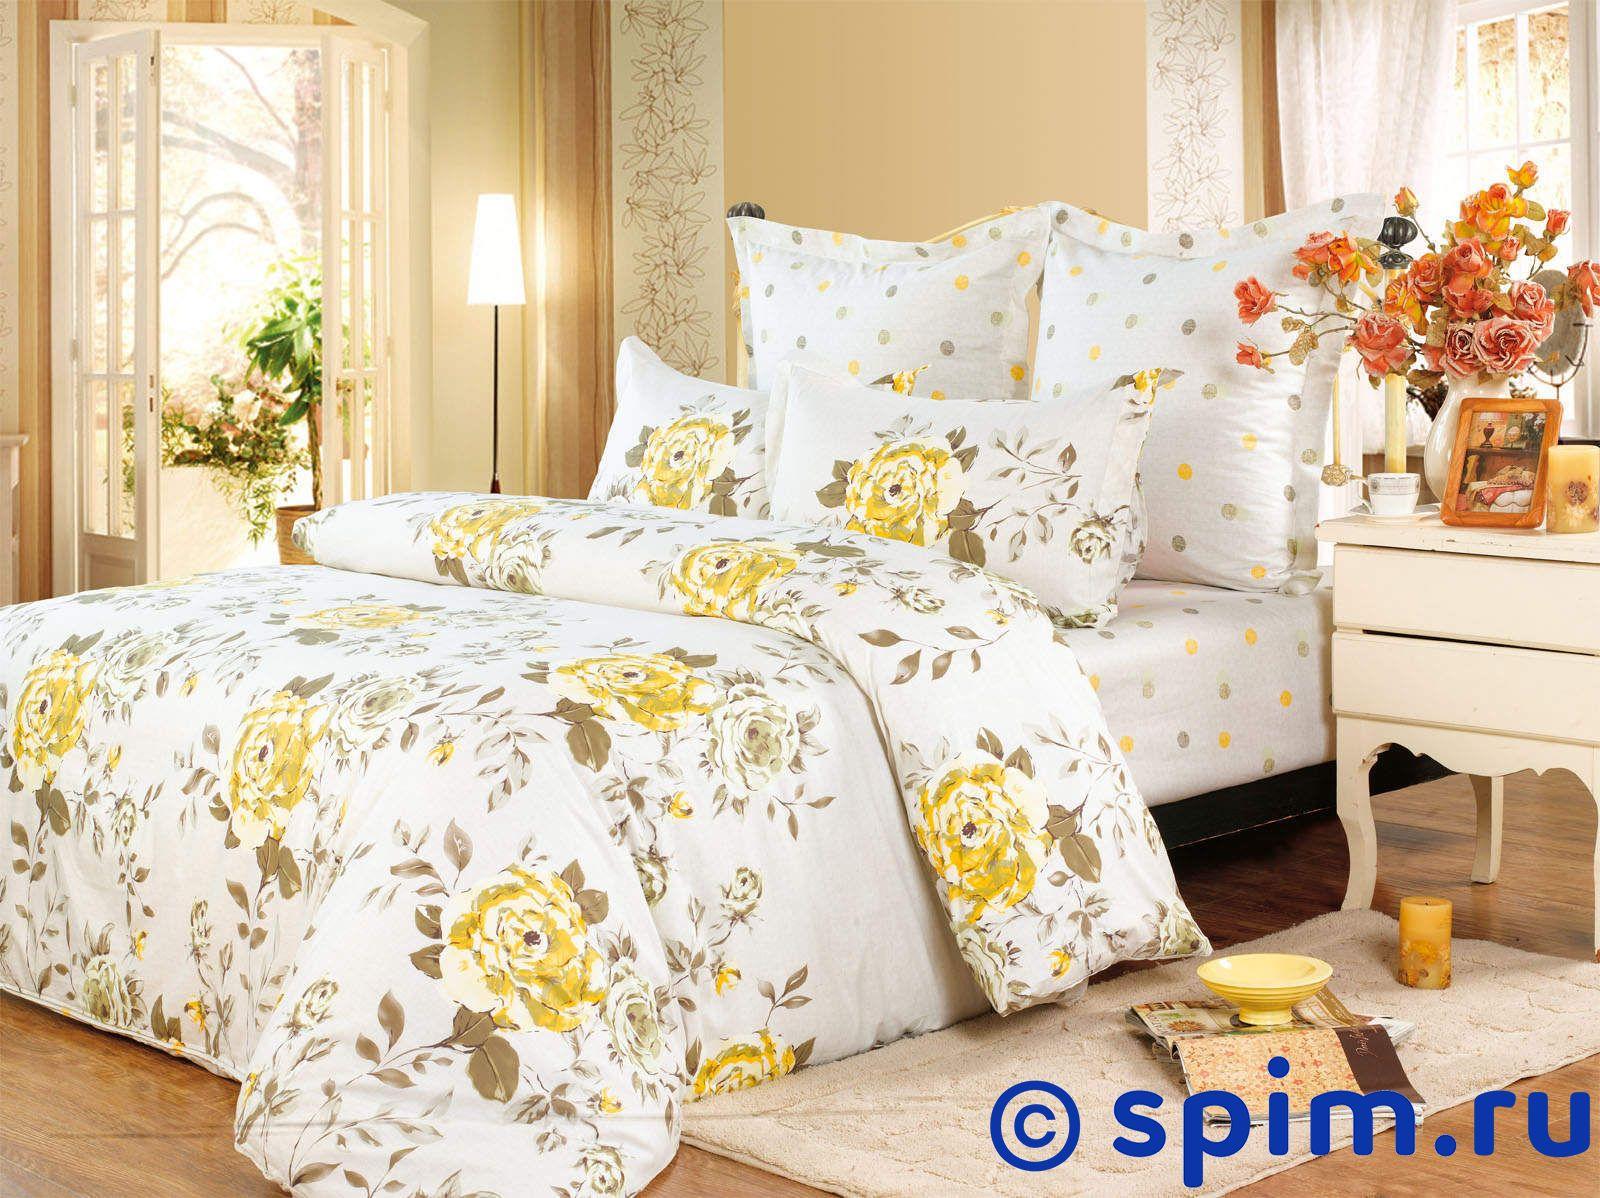 Комплект СайлиД В119 1.5 спальное